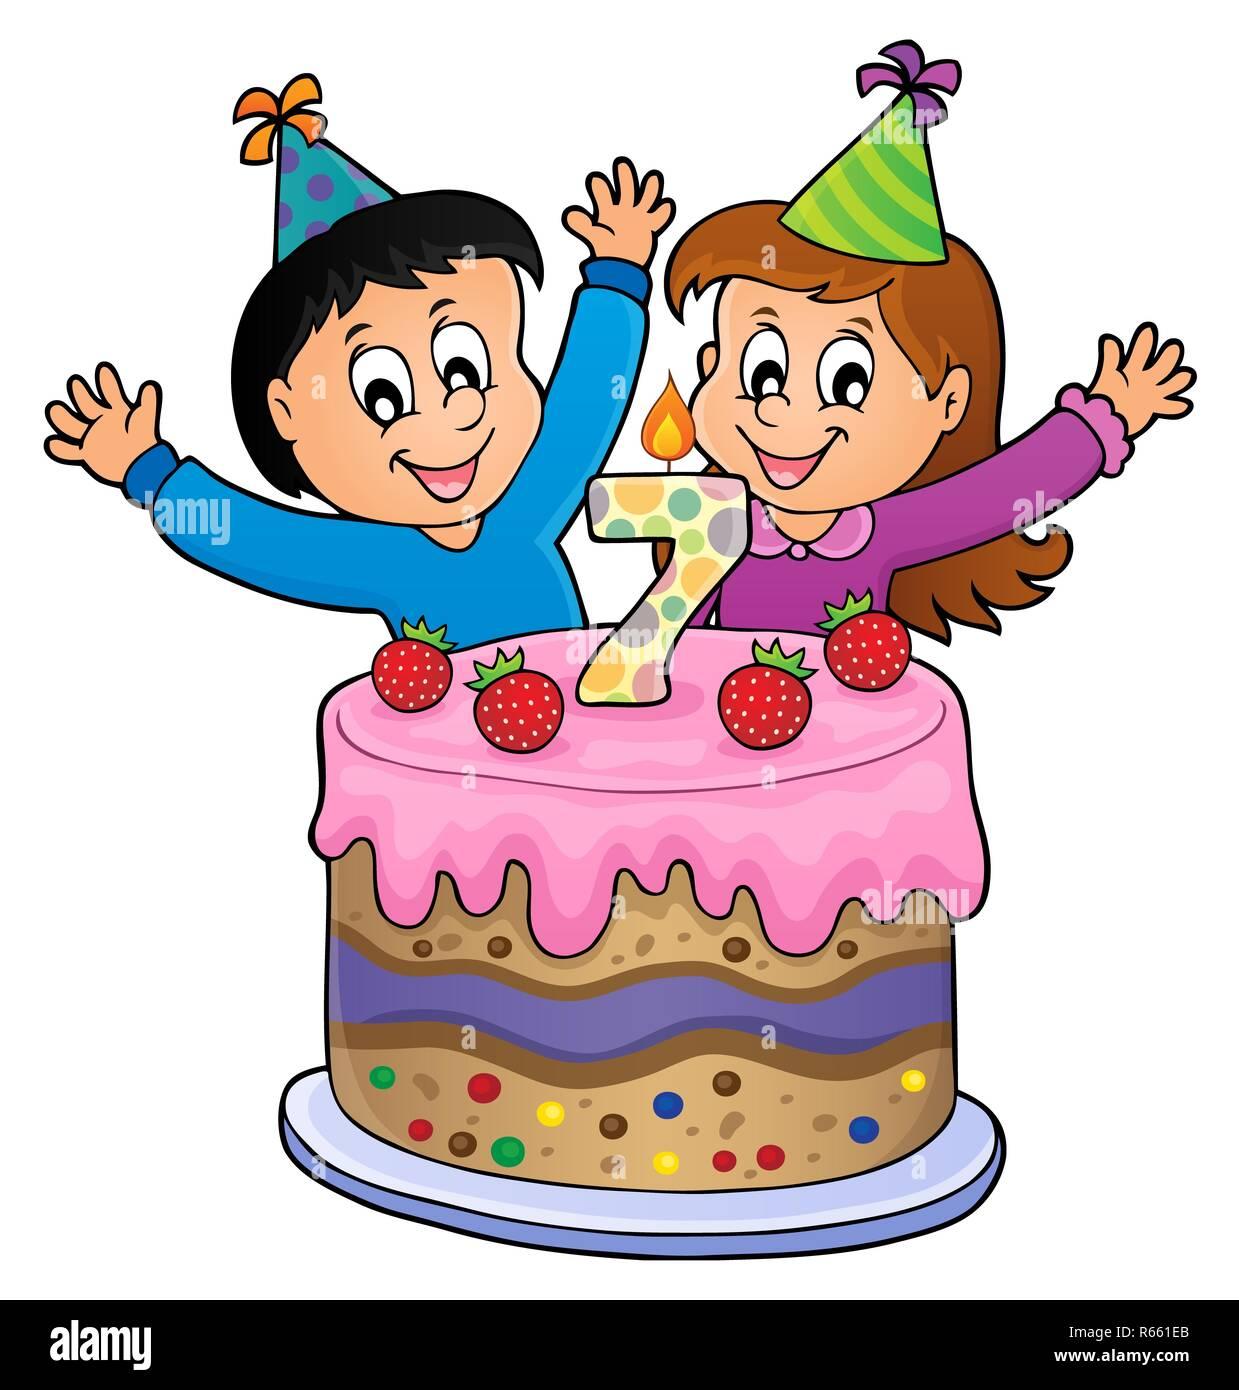 Auguri Buon Compleanno 7 Anni.Buon Compleanno Immagine Per 7 Anni Foto Immagine Stock